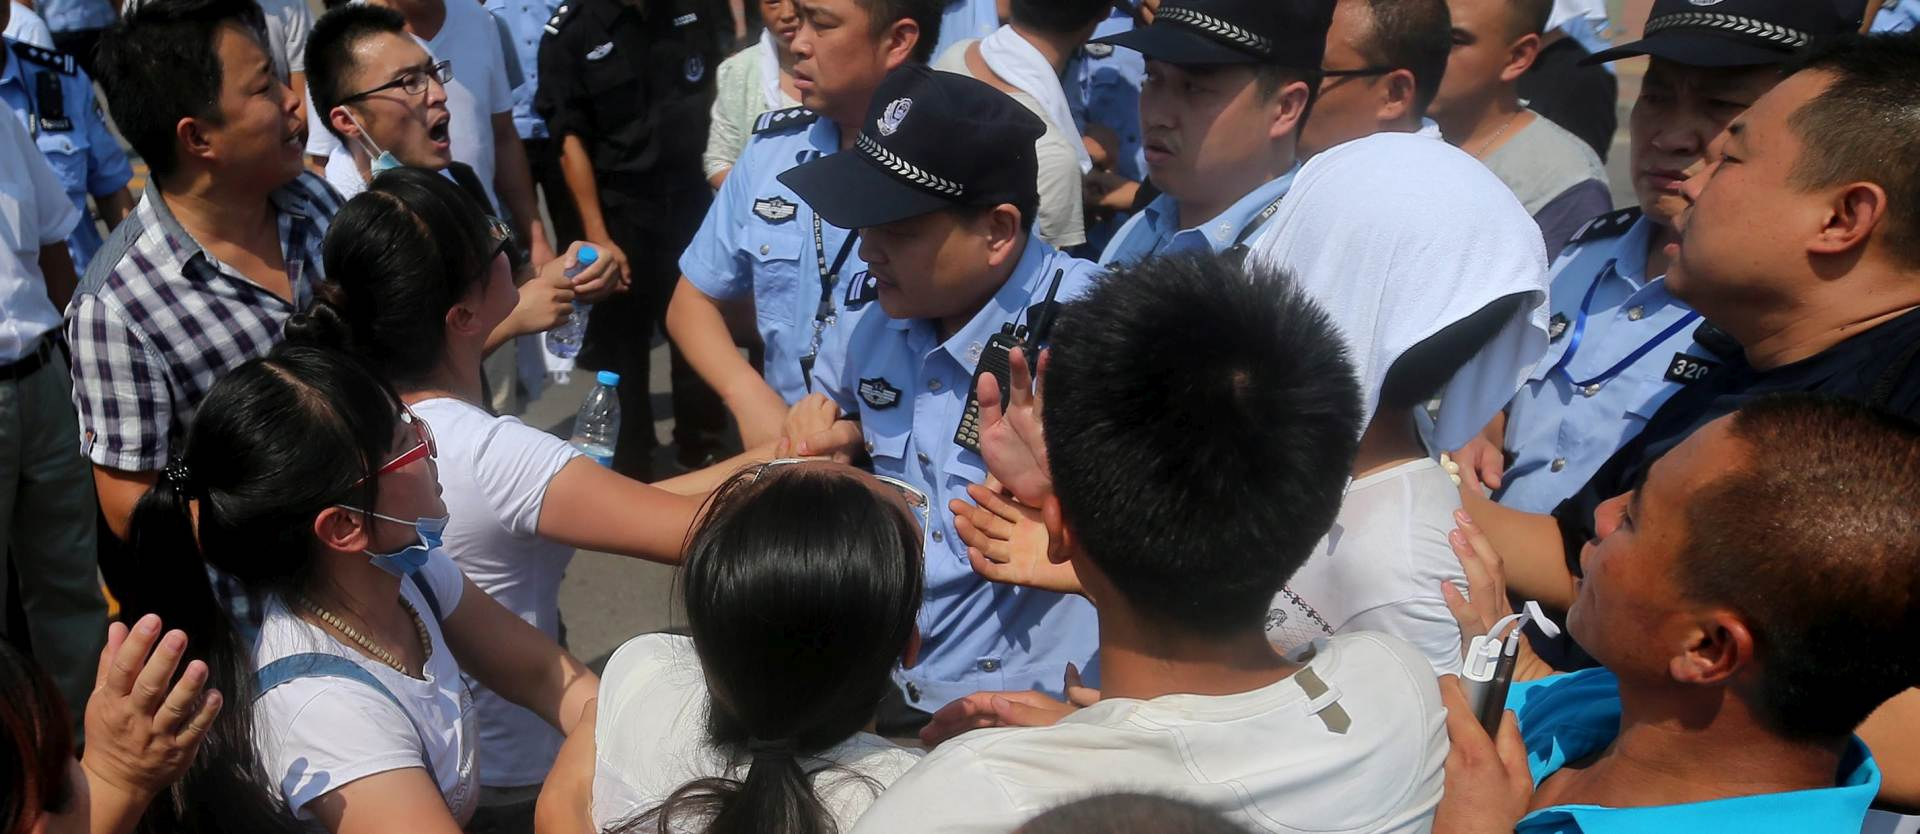 BEZOBZIRNOST: Nakon eksplozija u Kini zbog varanja uhićena tinejdžerica